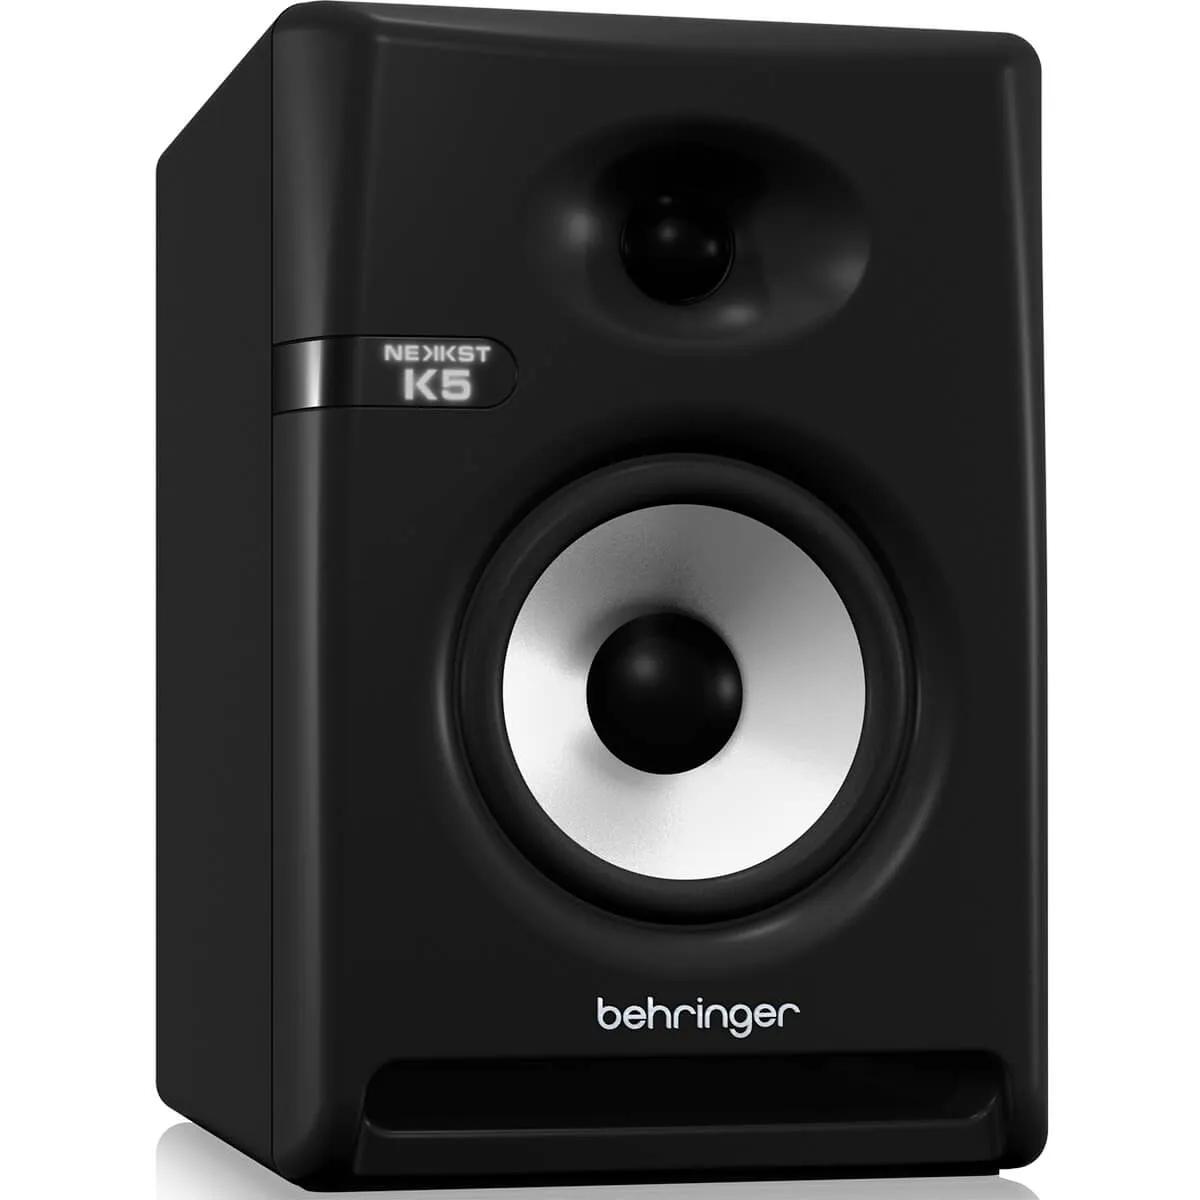 Monitor de Estudio Behringer NEKKST K5 150W